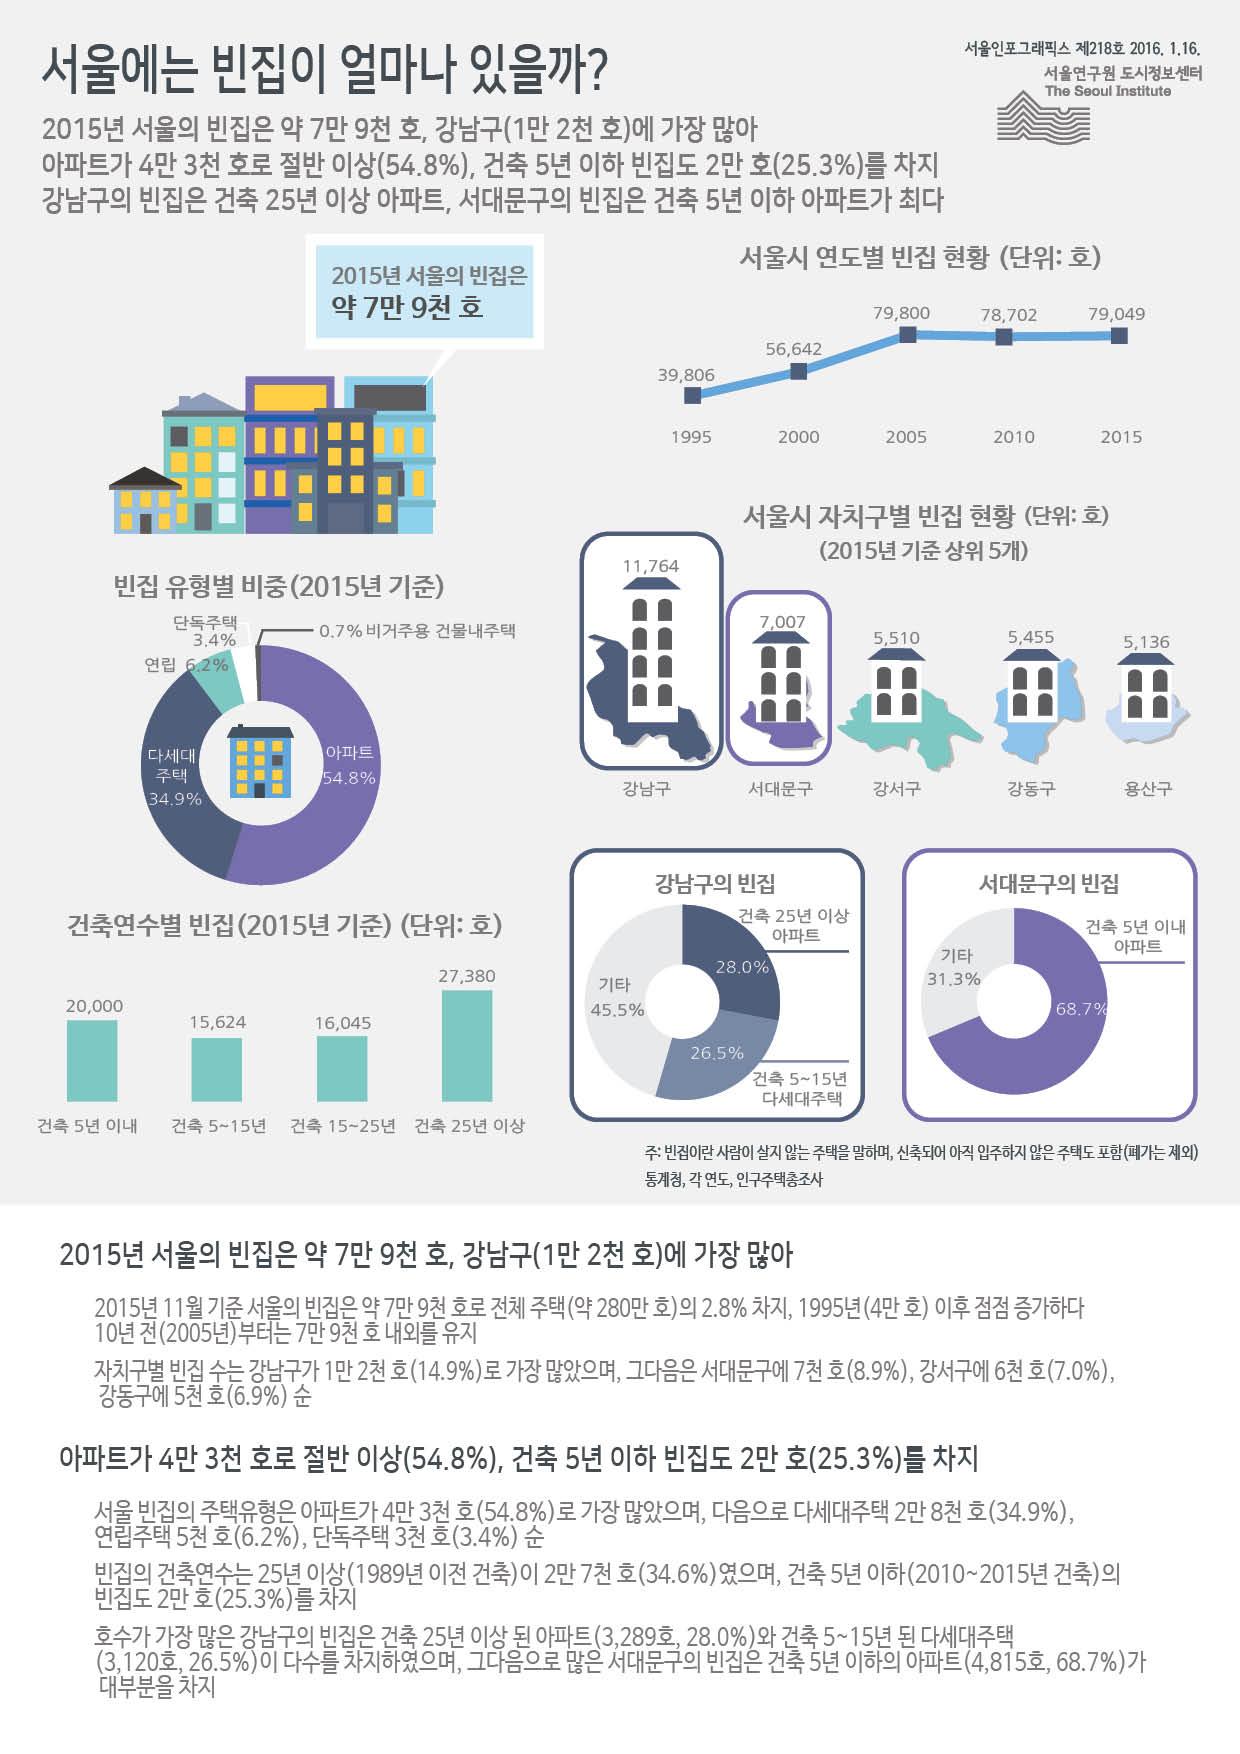 2015년 서울의 빈집은 약 7만 9천 호, 강남구(1만 2천 호)에 가장 많아 아파트가 4만 3천 호로 절반 이상(54.8%), 건축 5년 이하 빈집도 2만 호(25.3%)를 차지 강남구의 빈집은 건축 25년 이상 아파트, 서대문구의 빈집은 건축 5년 이하 아파트가 최다 (하단 내용 참조)